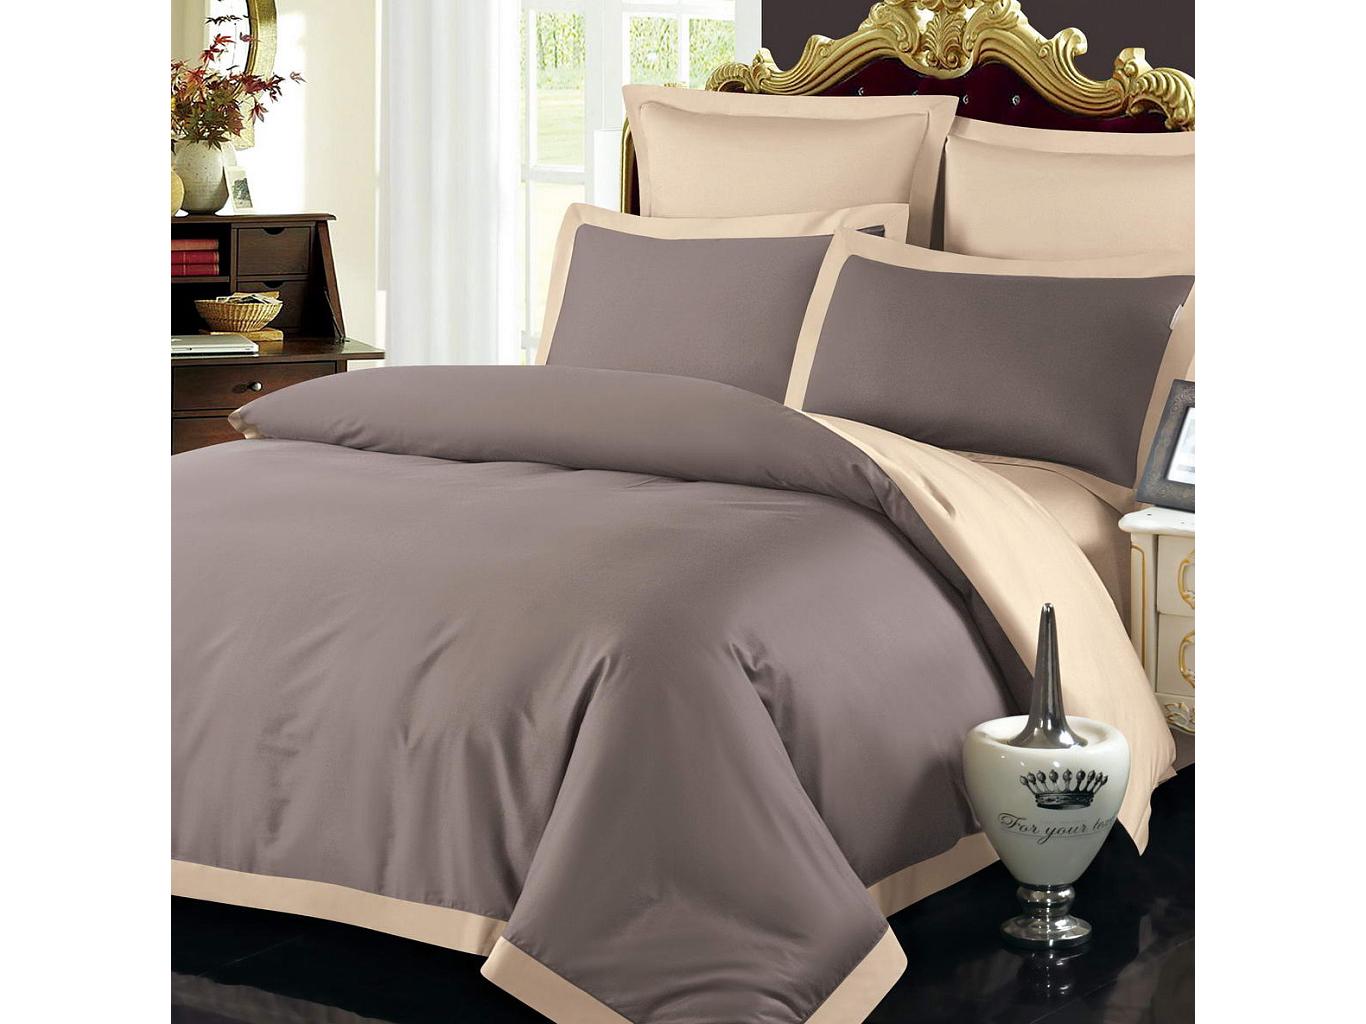 Комплект постельного белья АмальфиДвуспальные комплекты постельного белья<br>Великолепный комплект из хлопка станет настоящим украшением для Вашей спальни. Наволочки с &amp;quot;ушками&amp;quot; и нежные оттенки постельного белья смотрятся необыкновенно стильно. Хлопковая нить сплетается определенным способом, он позволяет получить высокую плотность ткани, не теряя при этом мягкости.&amp;amp;nbsp;&amp;lt;div&amp;gt;&amp;lt;br&amp;gt;&amp;lt;/div&amp;gt;&amp;lt;div&amp;gt;&amp;lt;div&amp;gt;В комплект входят:&amp;lt;/div&amp;gt;&amp;lt;div&amp;gt;Пододеяльник: 200х220 см (1)&amp;lt;/div&amp;gt;&amp;lt;div&amp;gt;Простынь: 230х250 см (1)&amp;lt;/div&amp;gt;&amp;lt;div&amp;gt;Наволочки : 50х70 см (2)&amp;lt;/div&amp;gt;&amp;lt;div&amp;gt;Наволочки : 70х70 см (2)&amp;amp;nbsp;&amp;lt;/div&amp;gt;&amp;lt;div&amp;gt;Состав:100% хлопок&amp;lt;/div&amp;gt;&amp;lt;/div&amp;gt;<br><br>Material: Хлопок<br>Ширина см: 230.0<br>Глубина см: 250.0